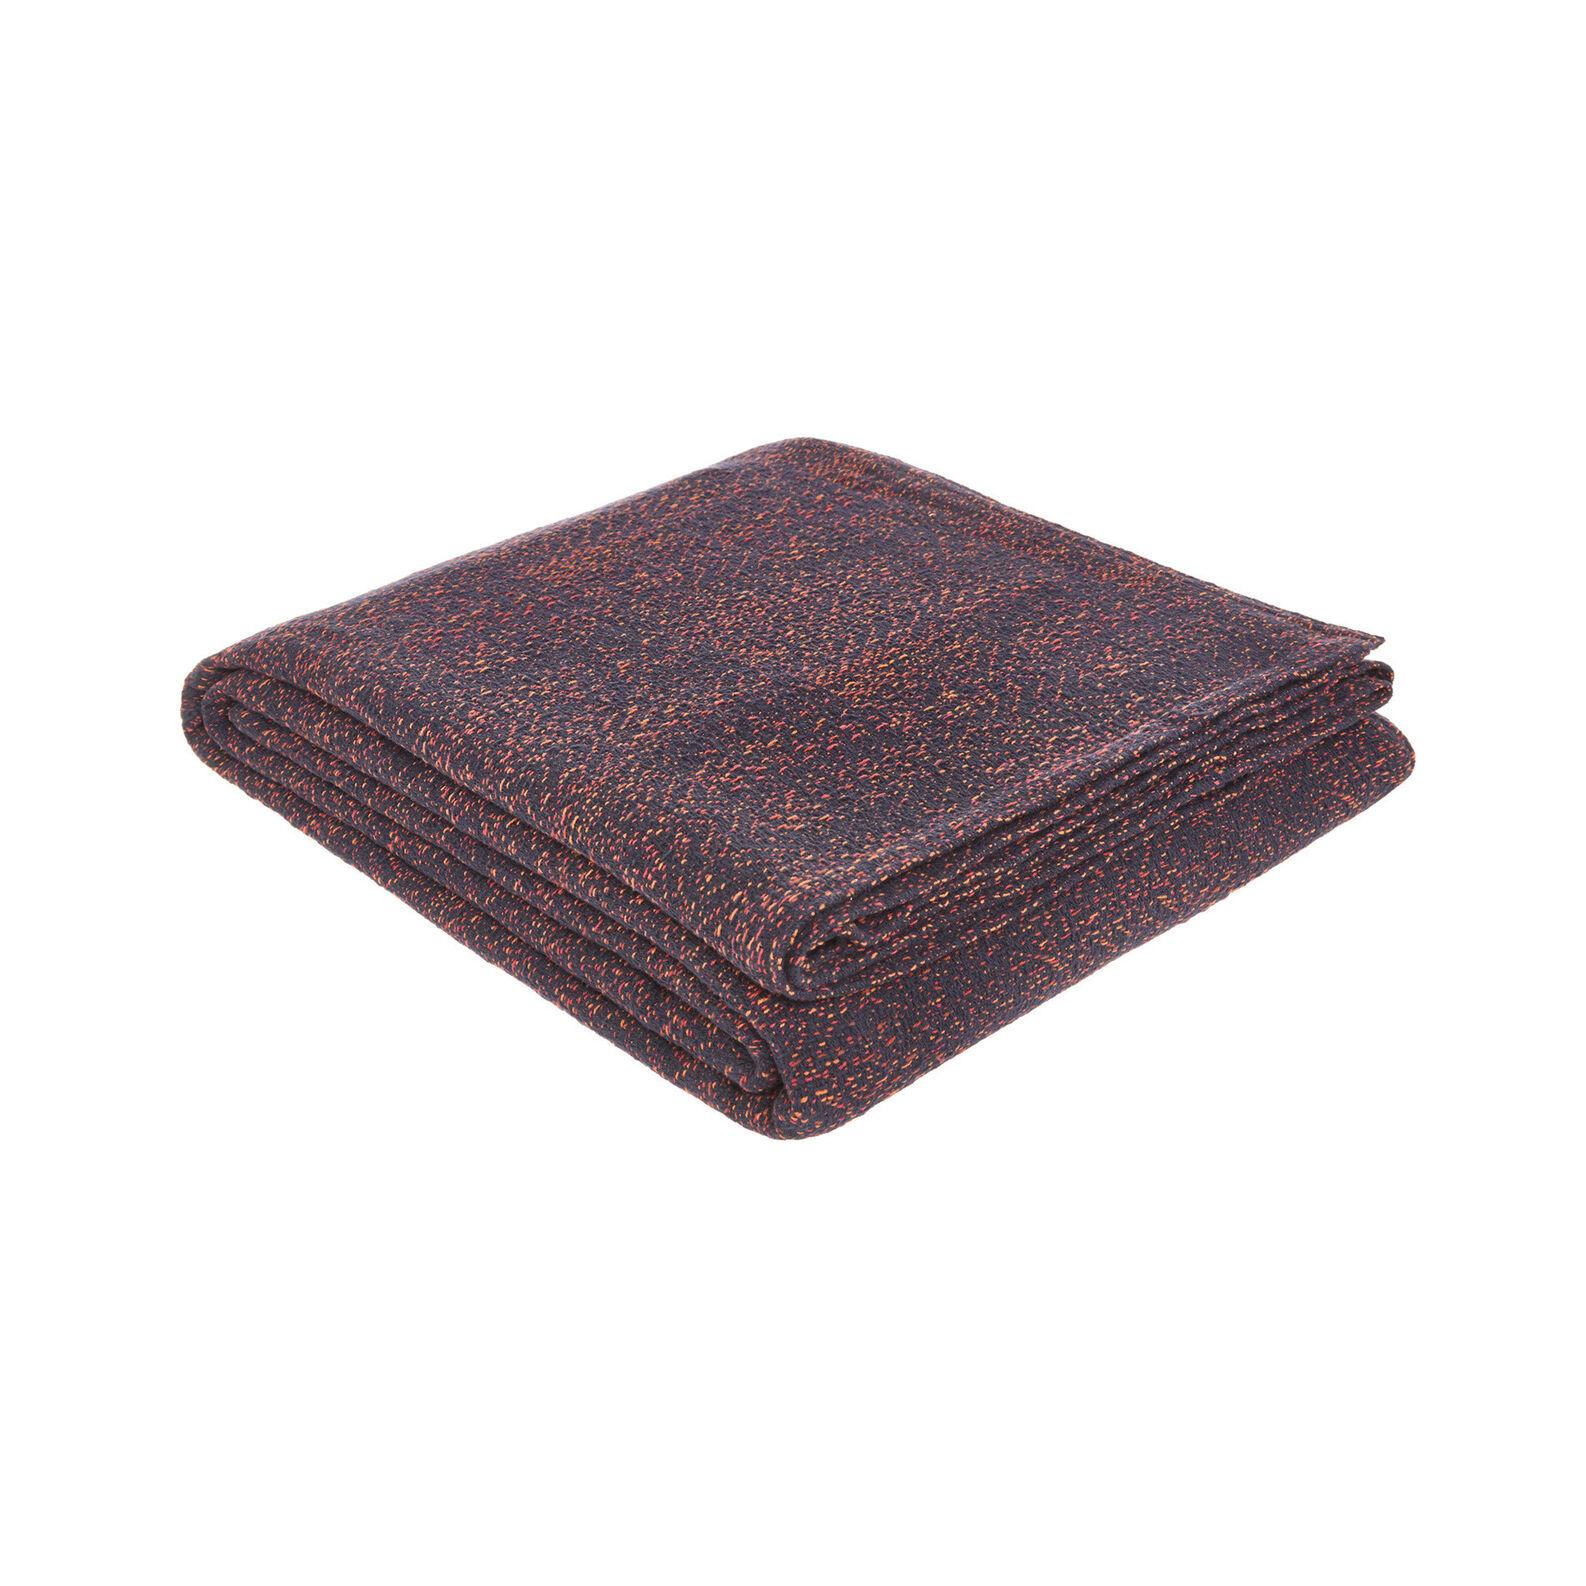 Mélange-effect cotton bedspread